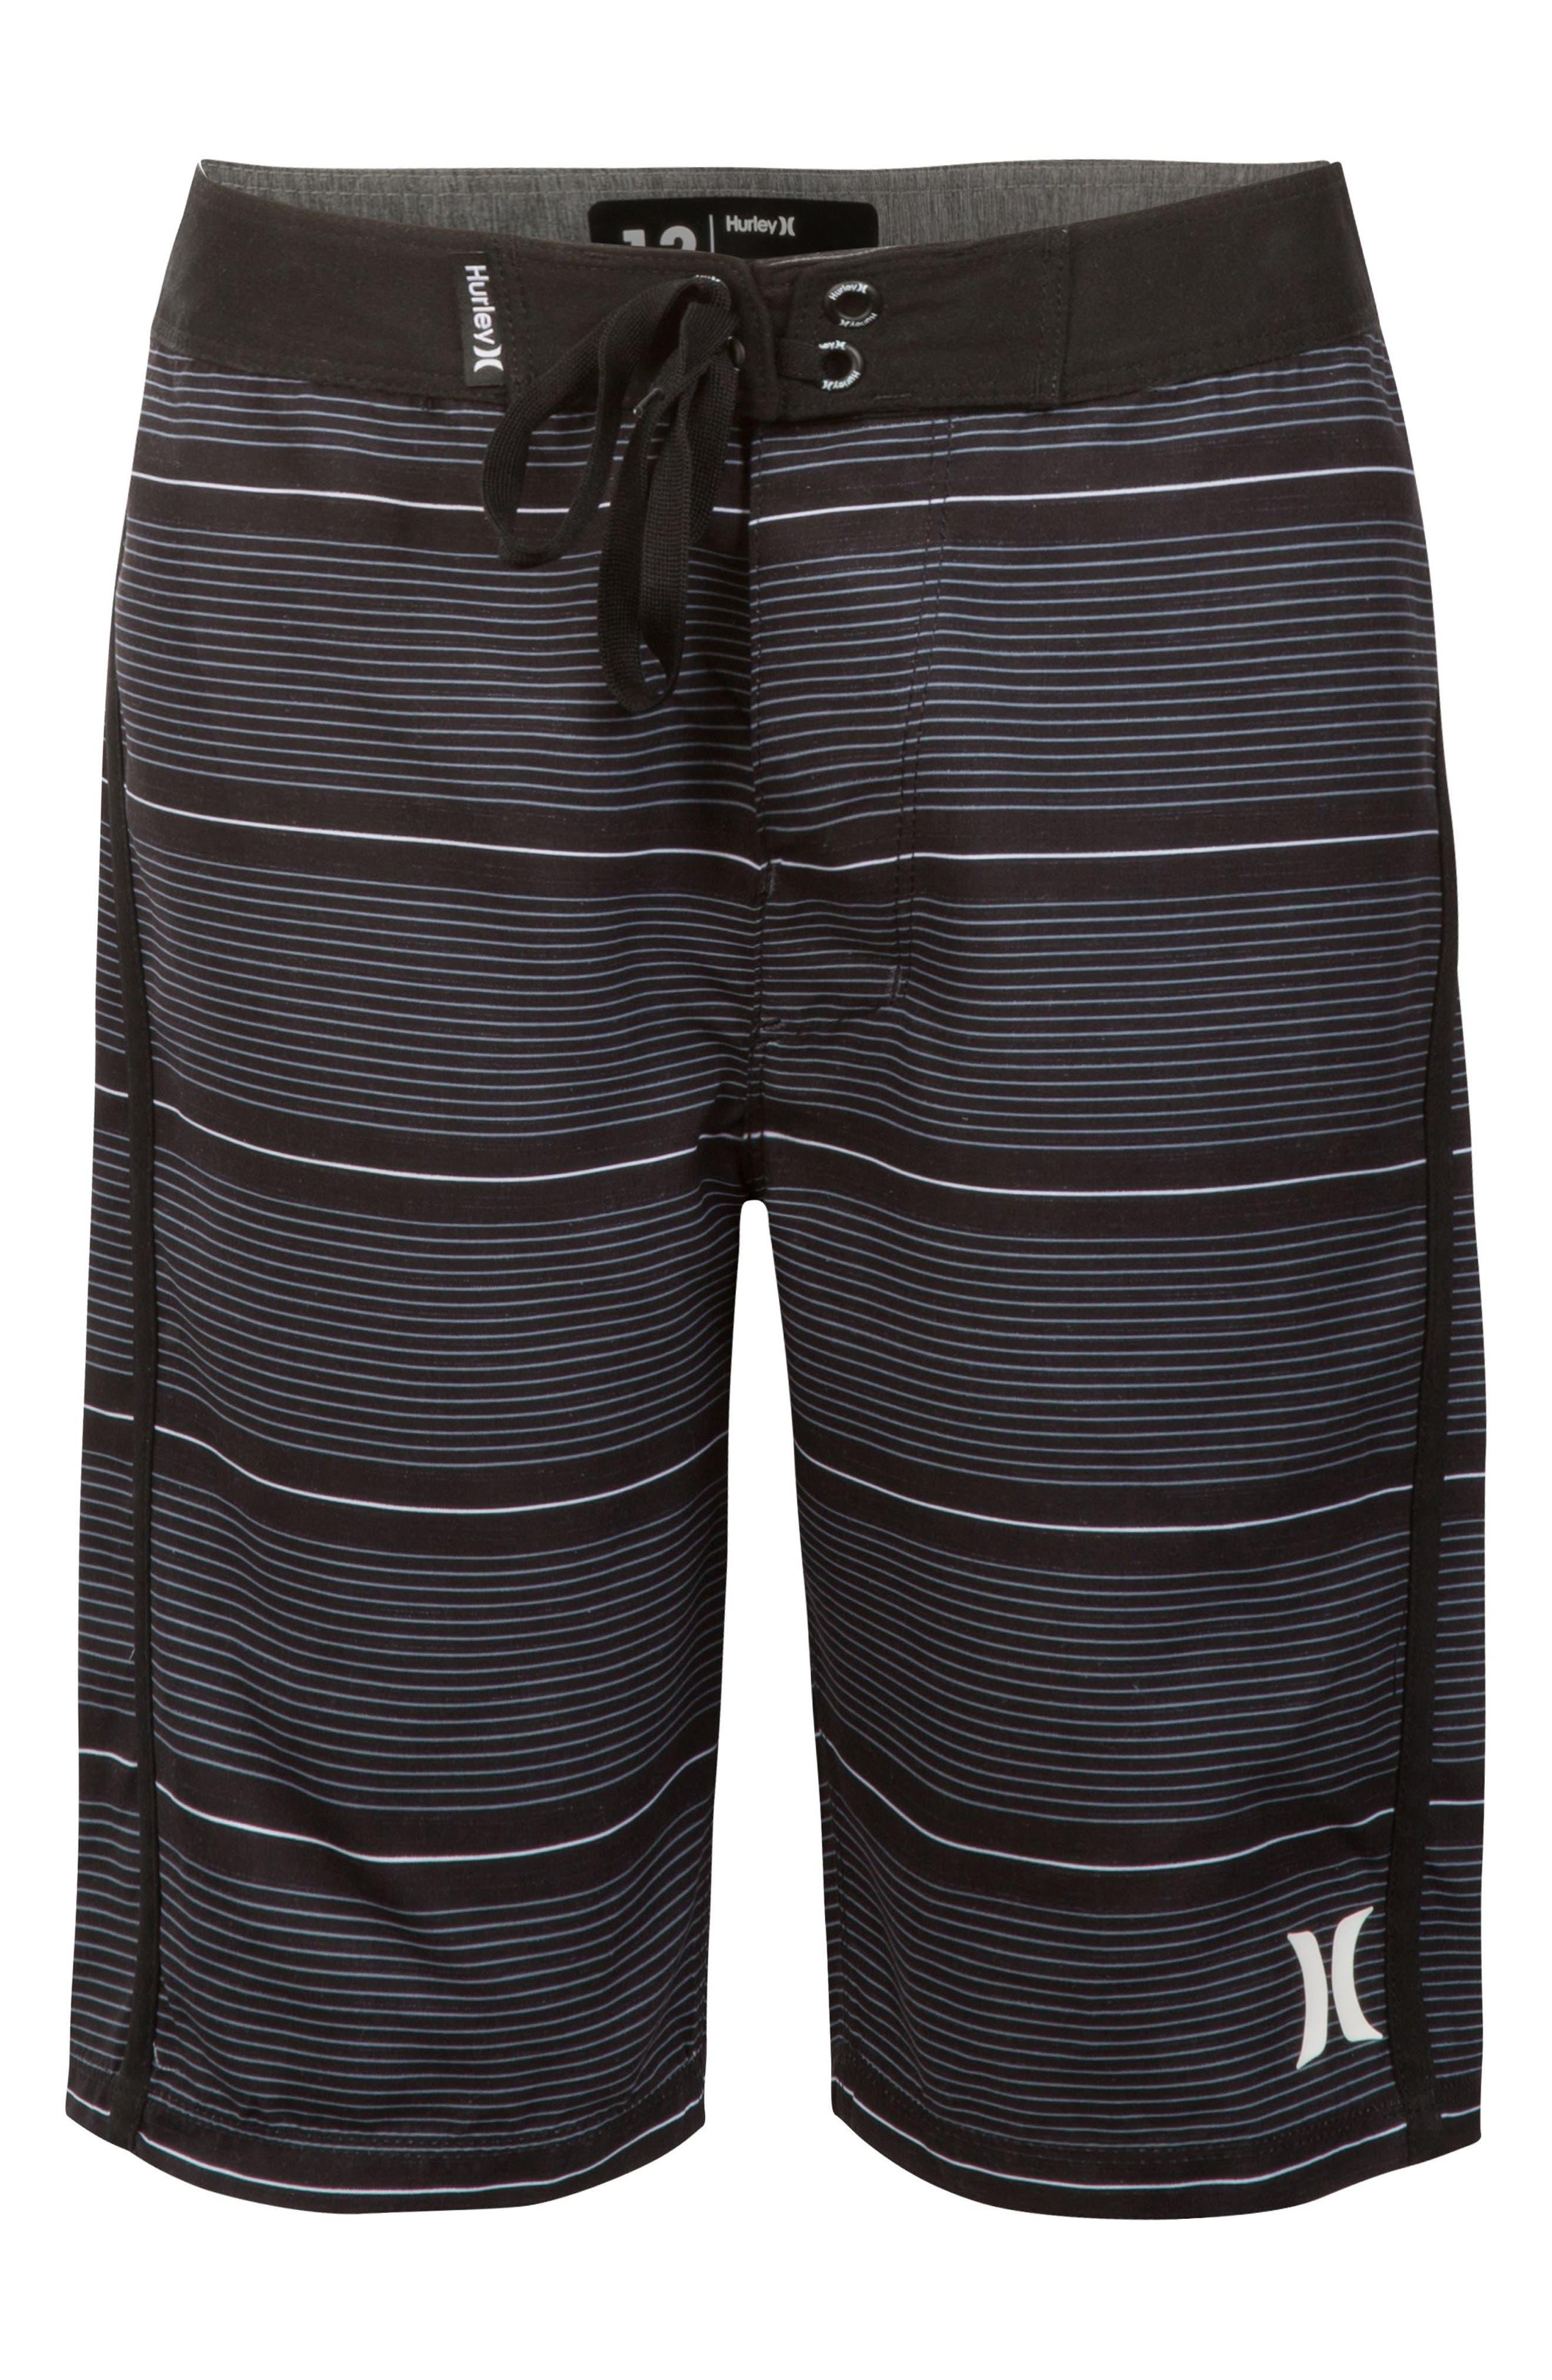 HURLEY Shoreline Board Shorts, Main, color, BLACK